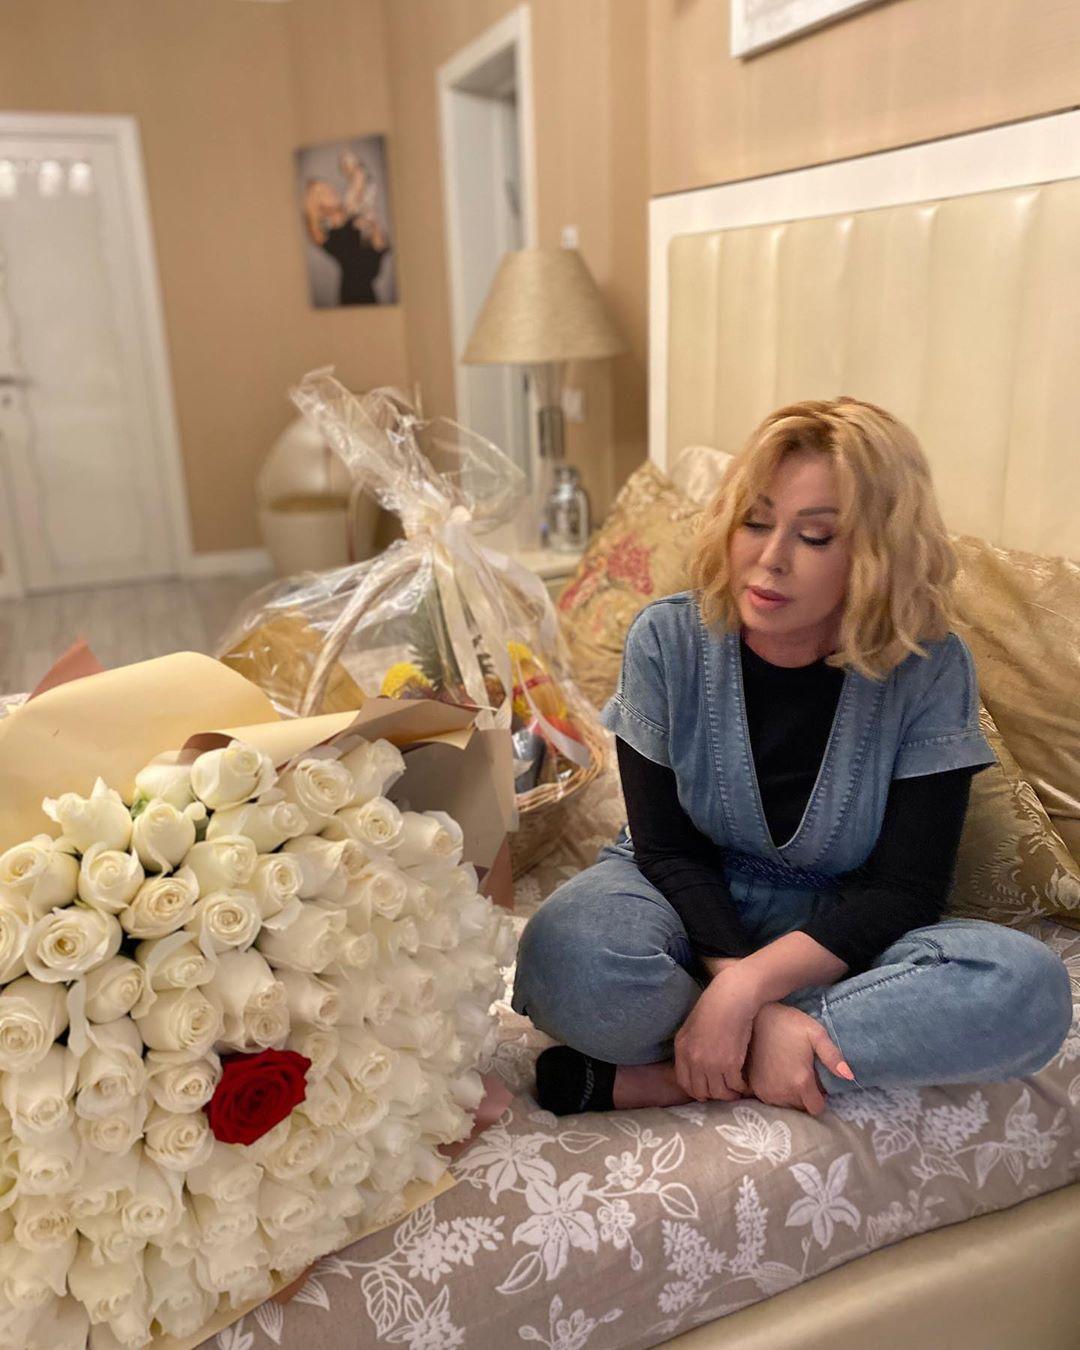 Любовь Успенская получила букет белых роз